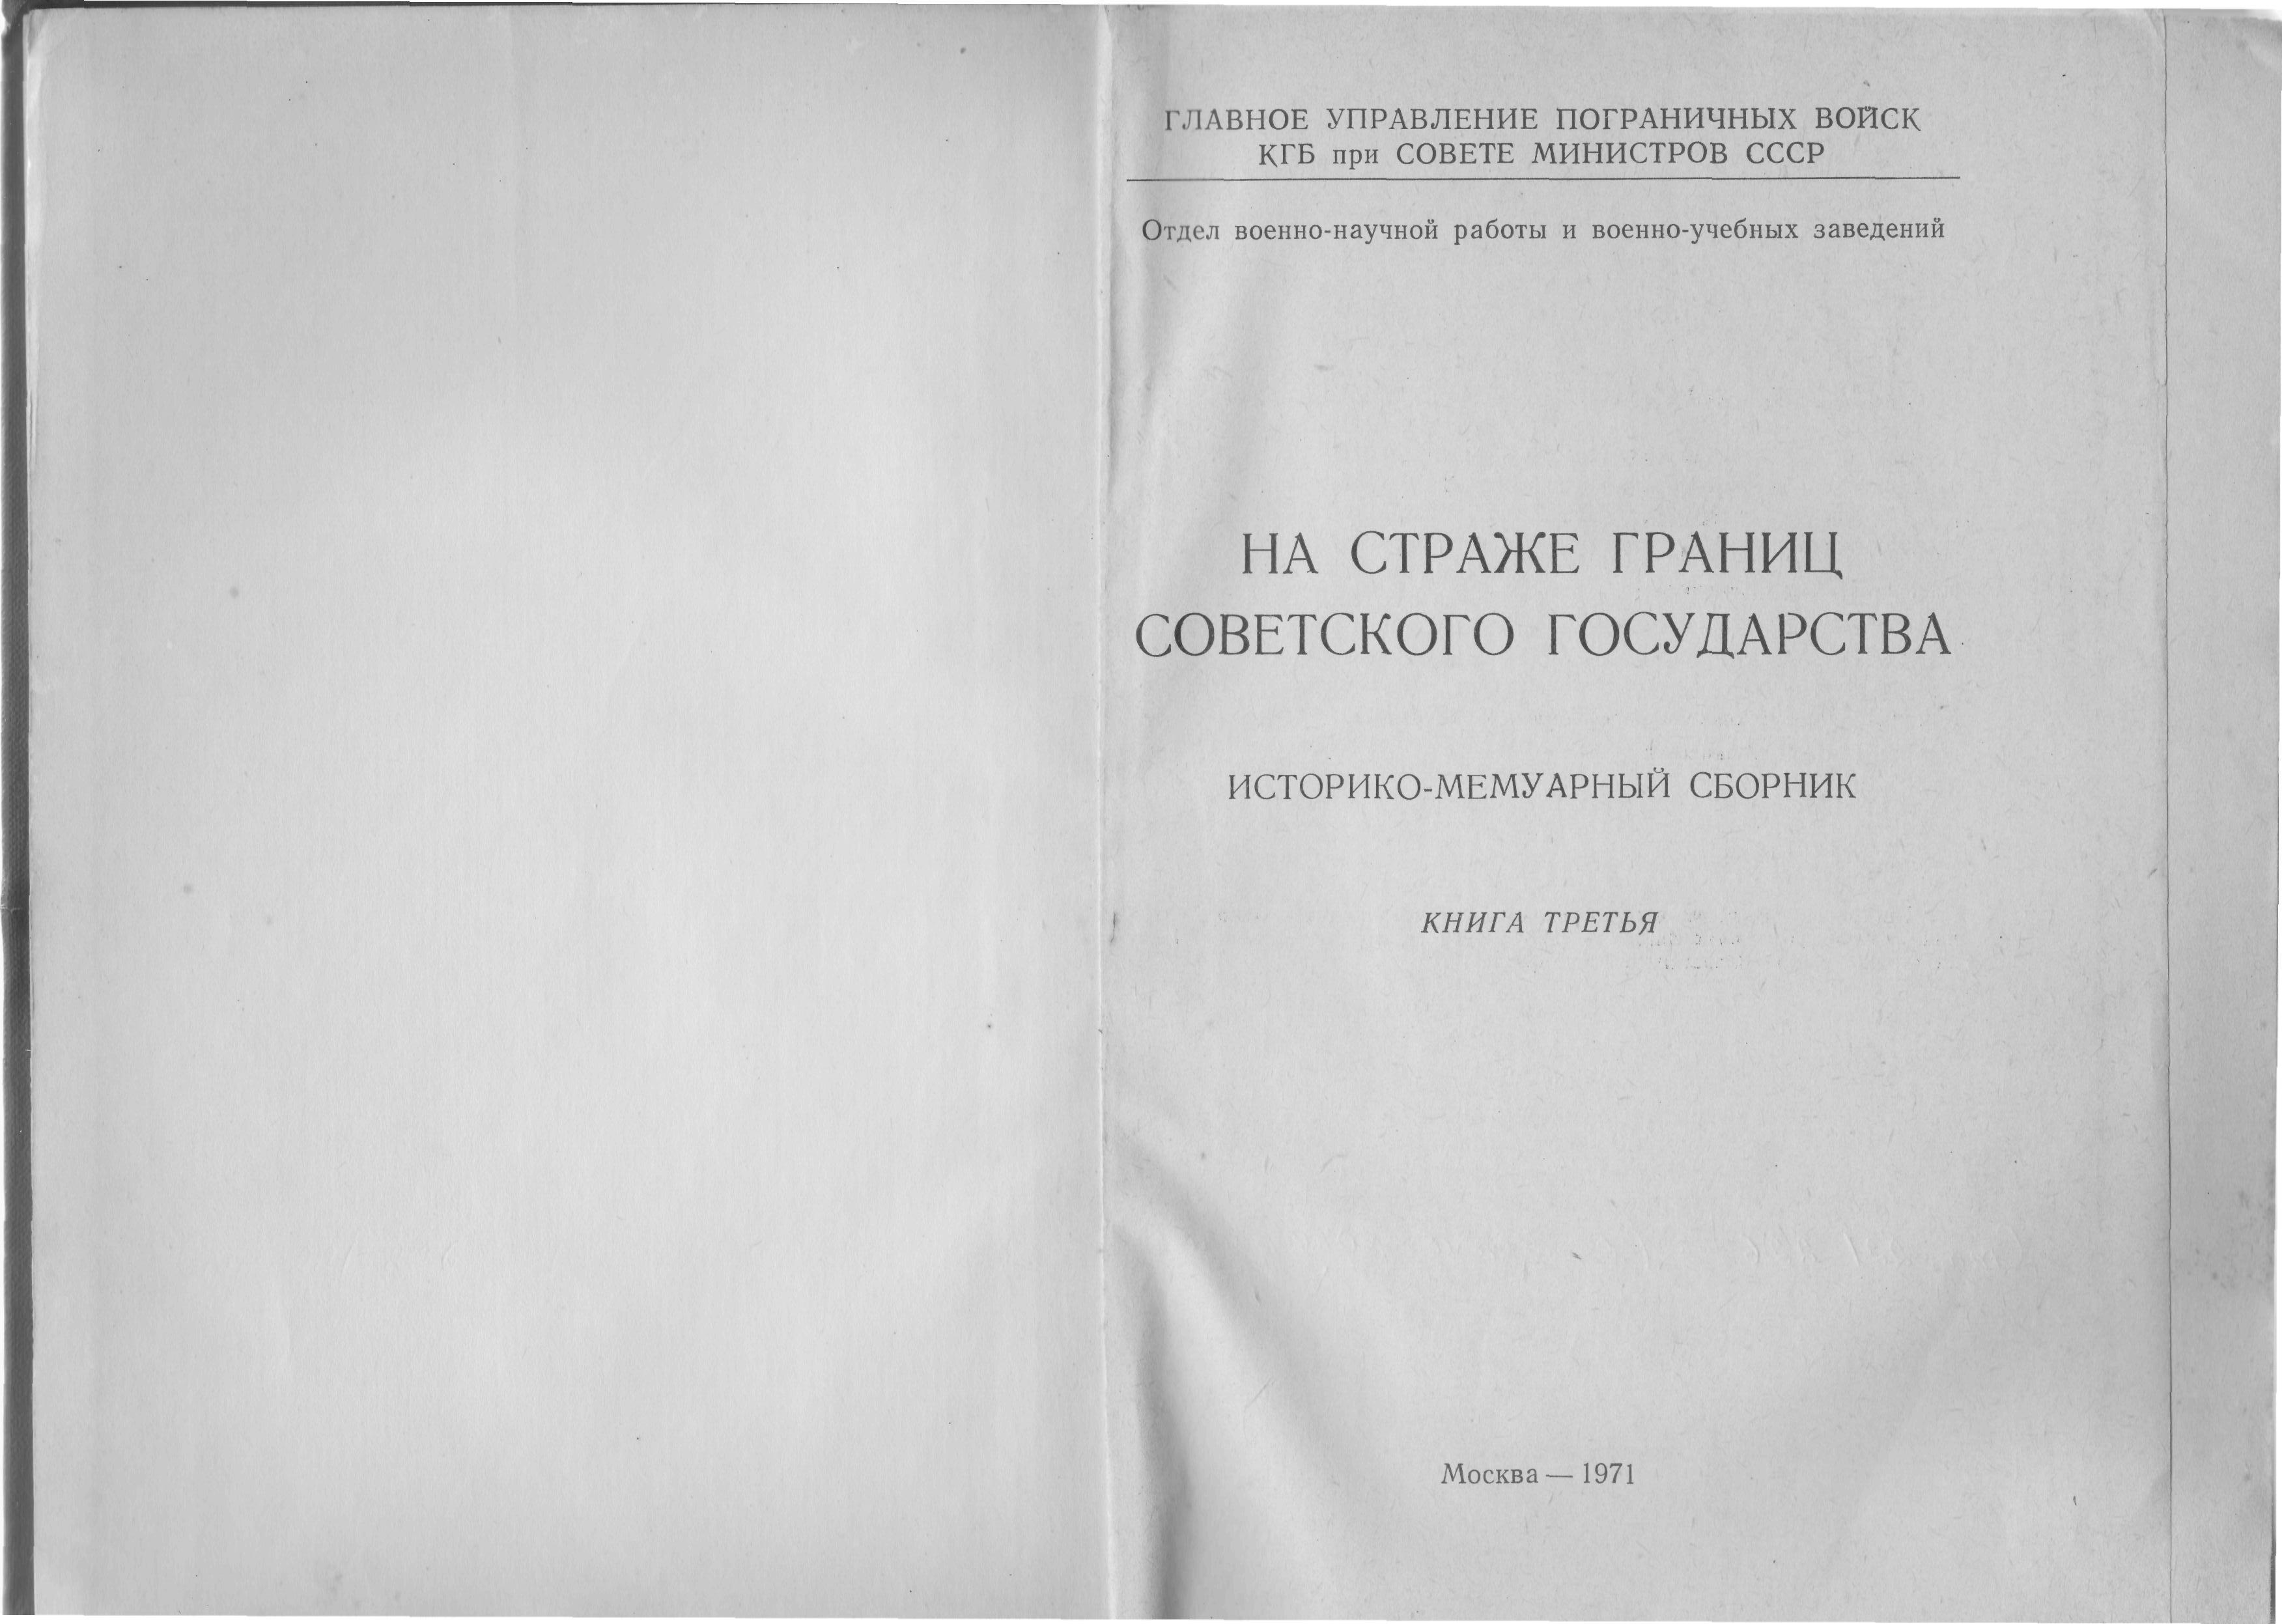 Книга «На страже границ Советского государства» (текст С. Е. Капустина) - Форзац